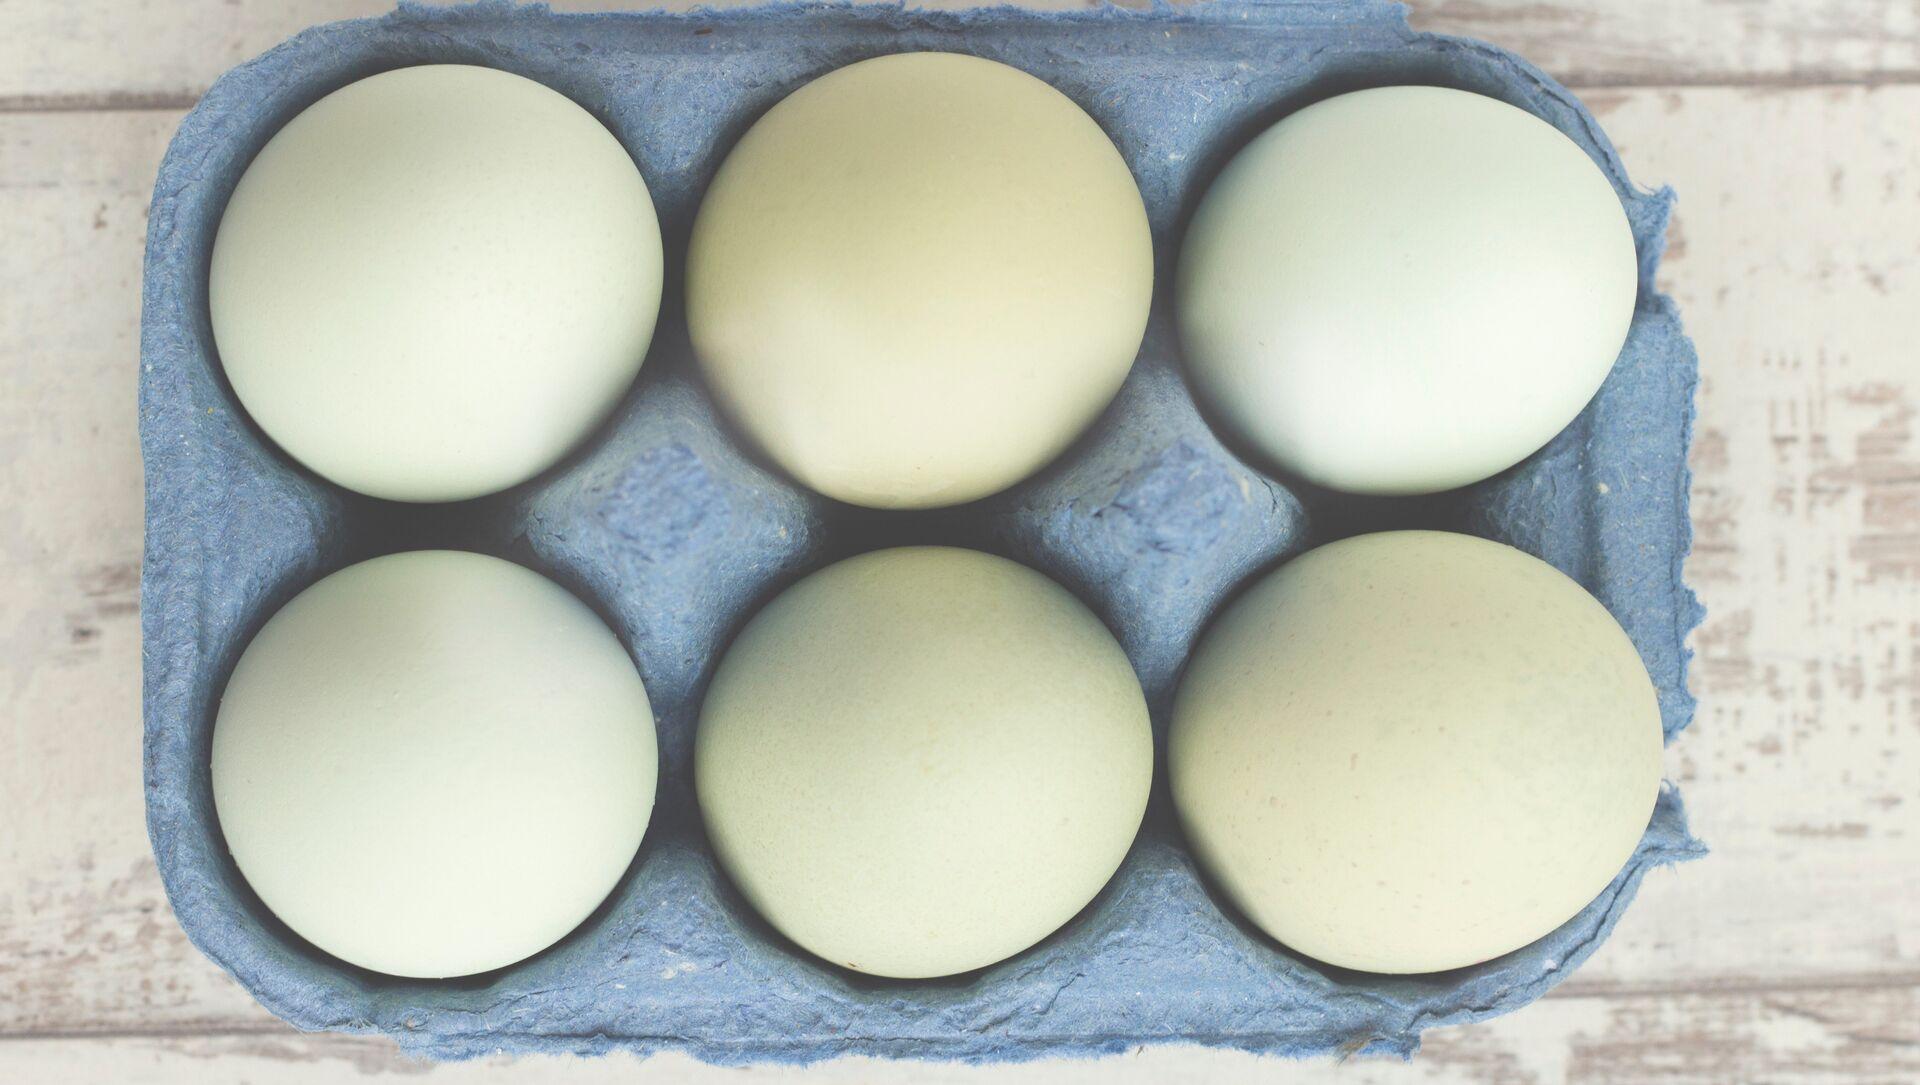 Seis huevos - Sputnik Mundo, 1920, 16.07.2020